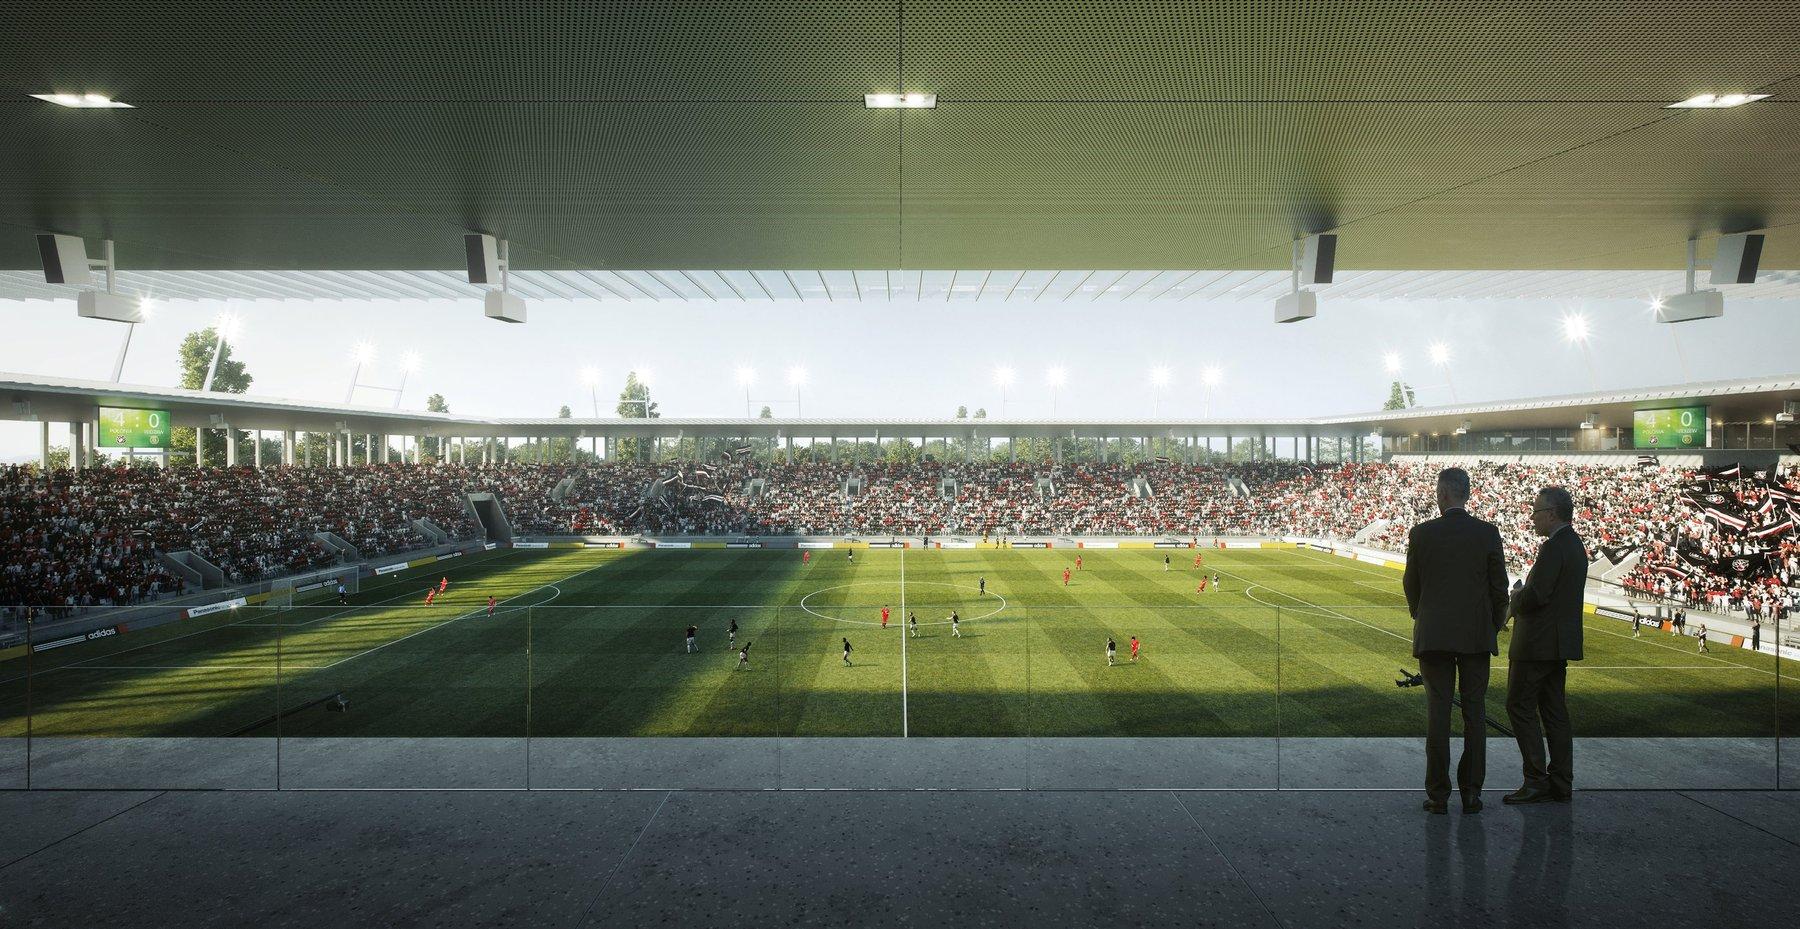 Stadion Poolonii Warszawa przy Konwiktorskiej